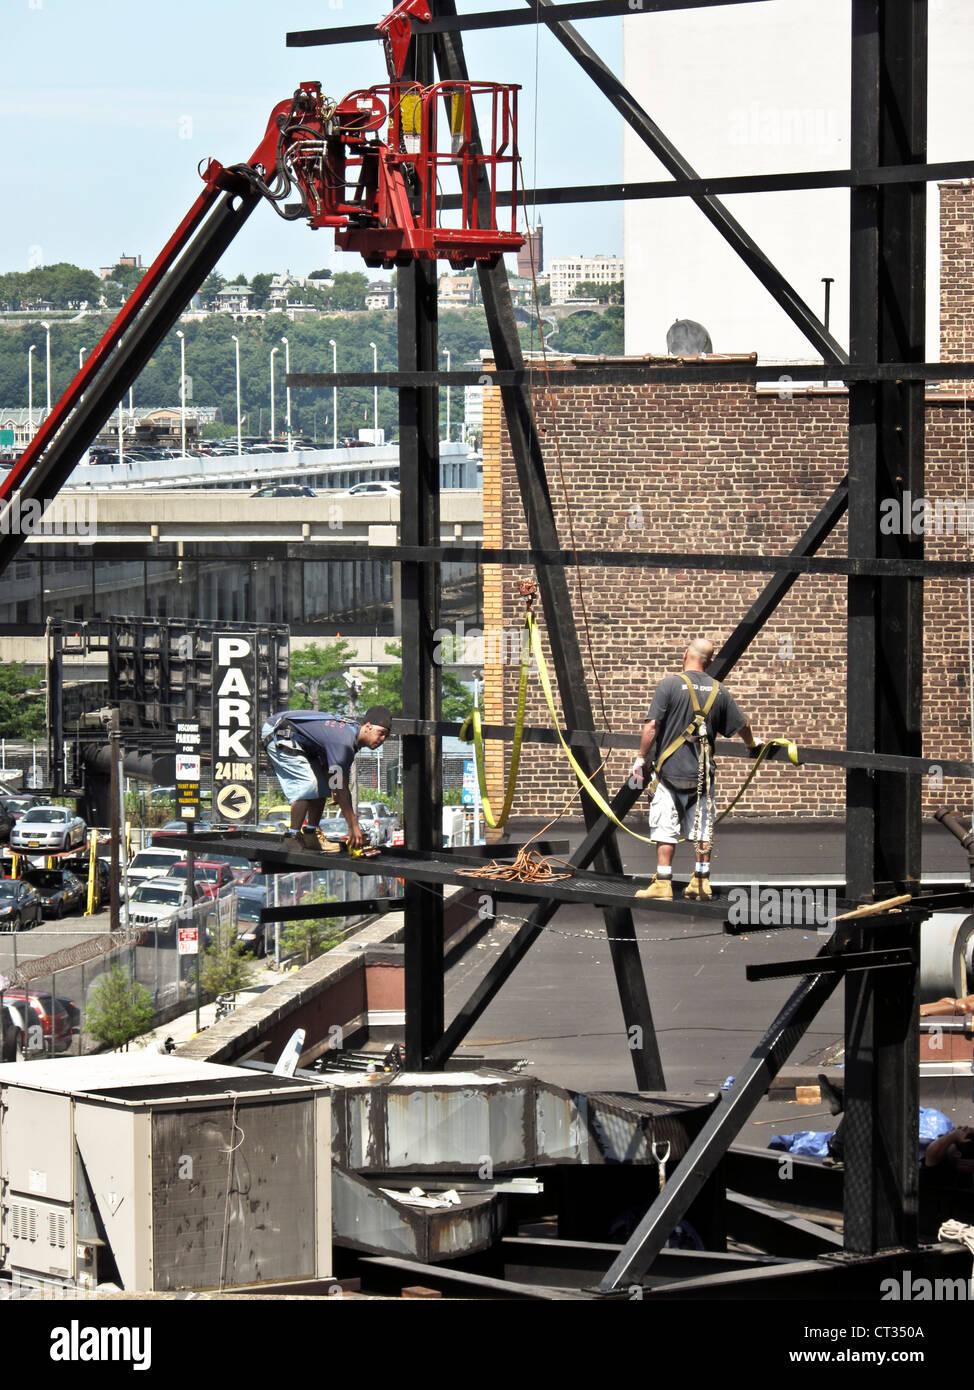 Hubarbeitsbühne Käfig schwebt über 2 Eisen Arbeiter Rahmen für neue ...